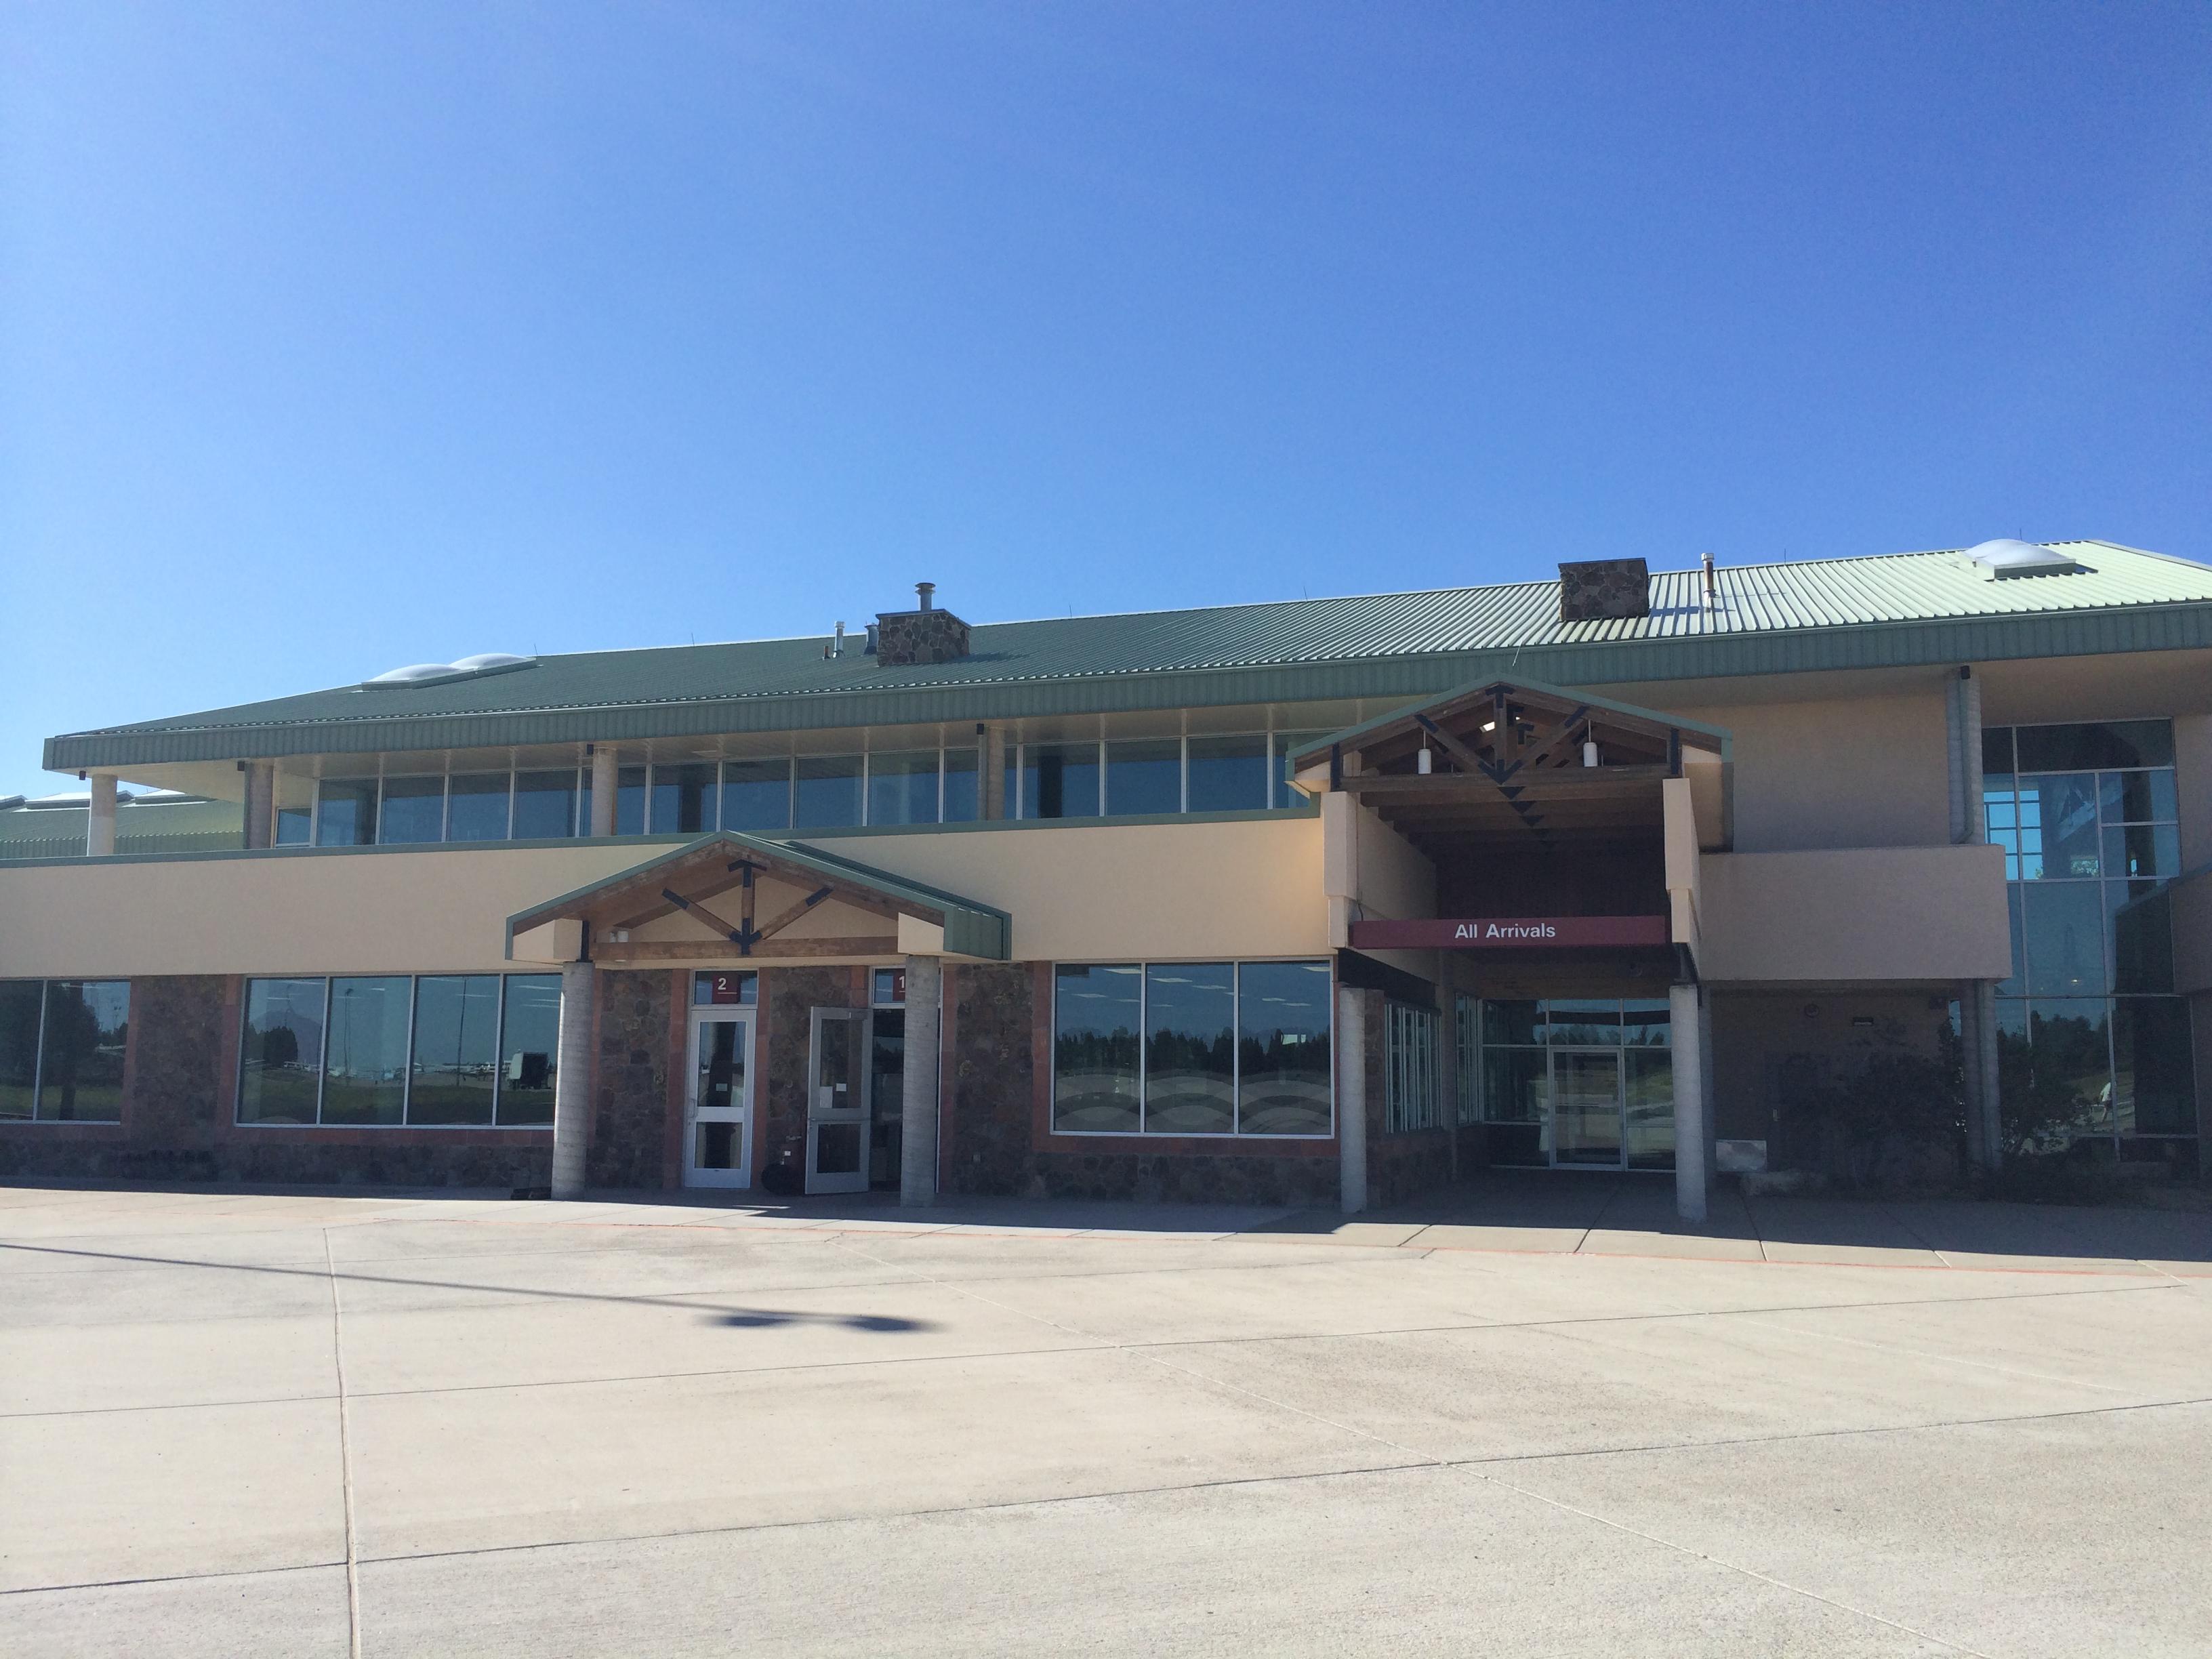 Photo of FLG terminal